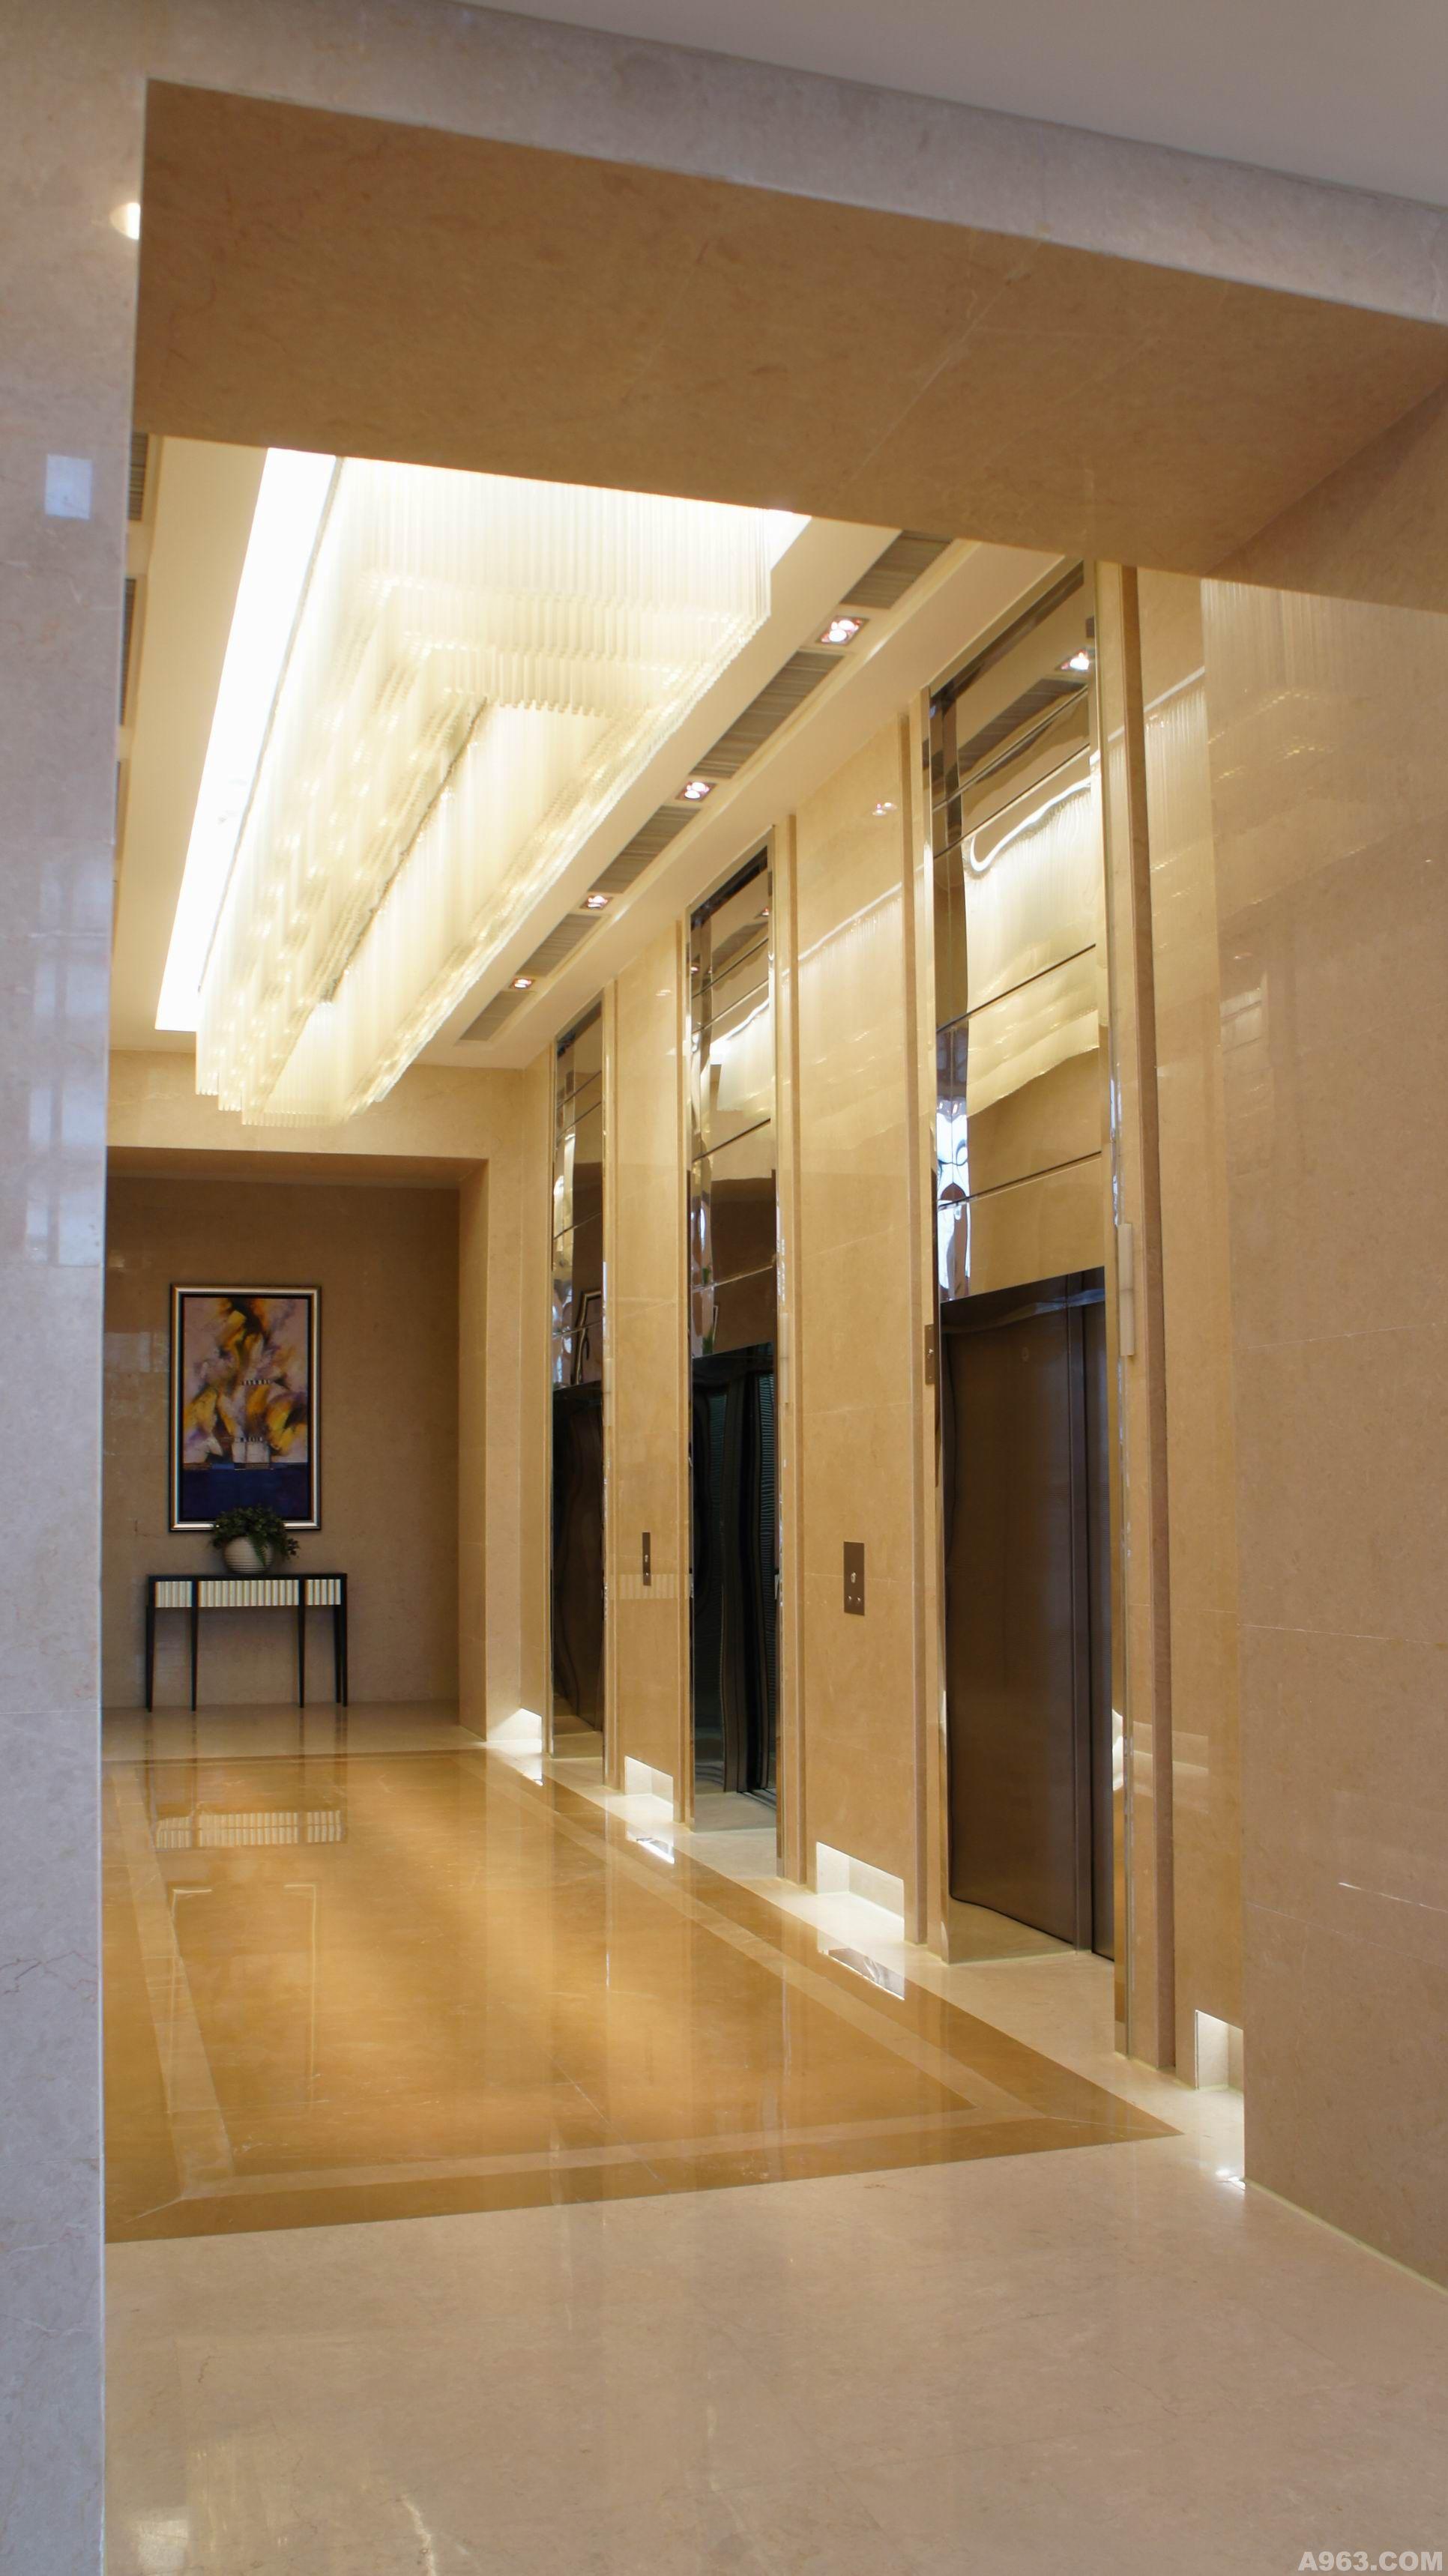 设计师: 华蕊      作品类别:展示空间      太仓万达广场甲级写字楼图片